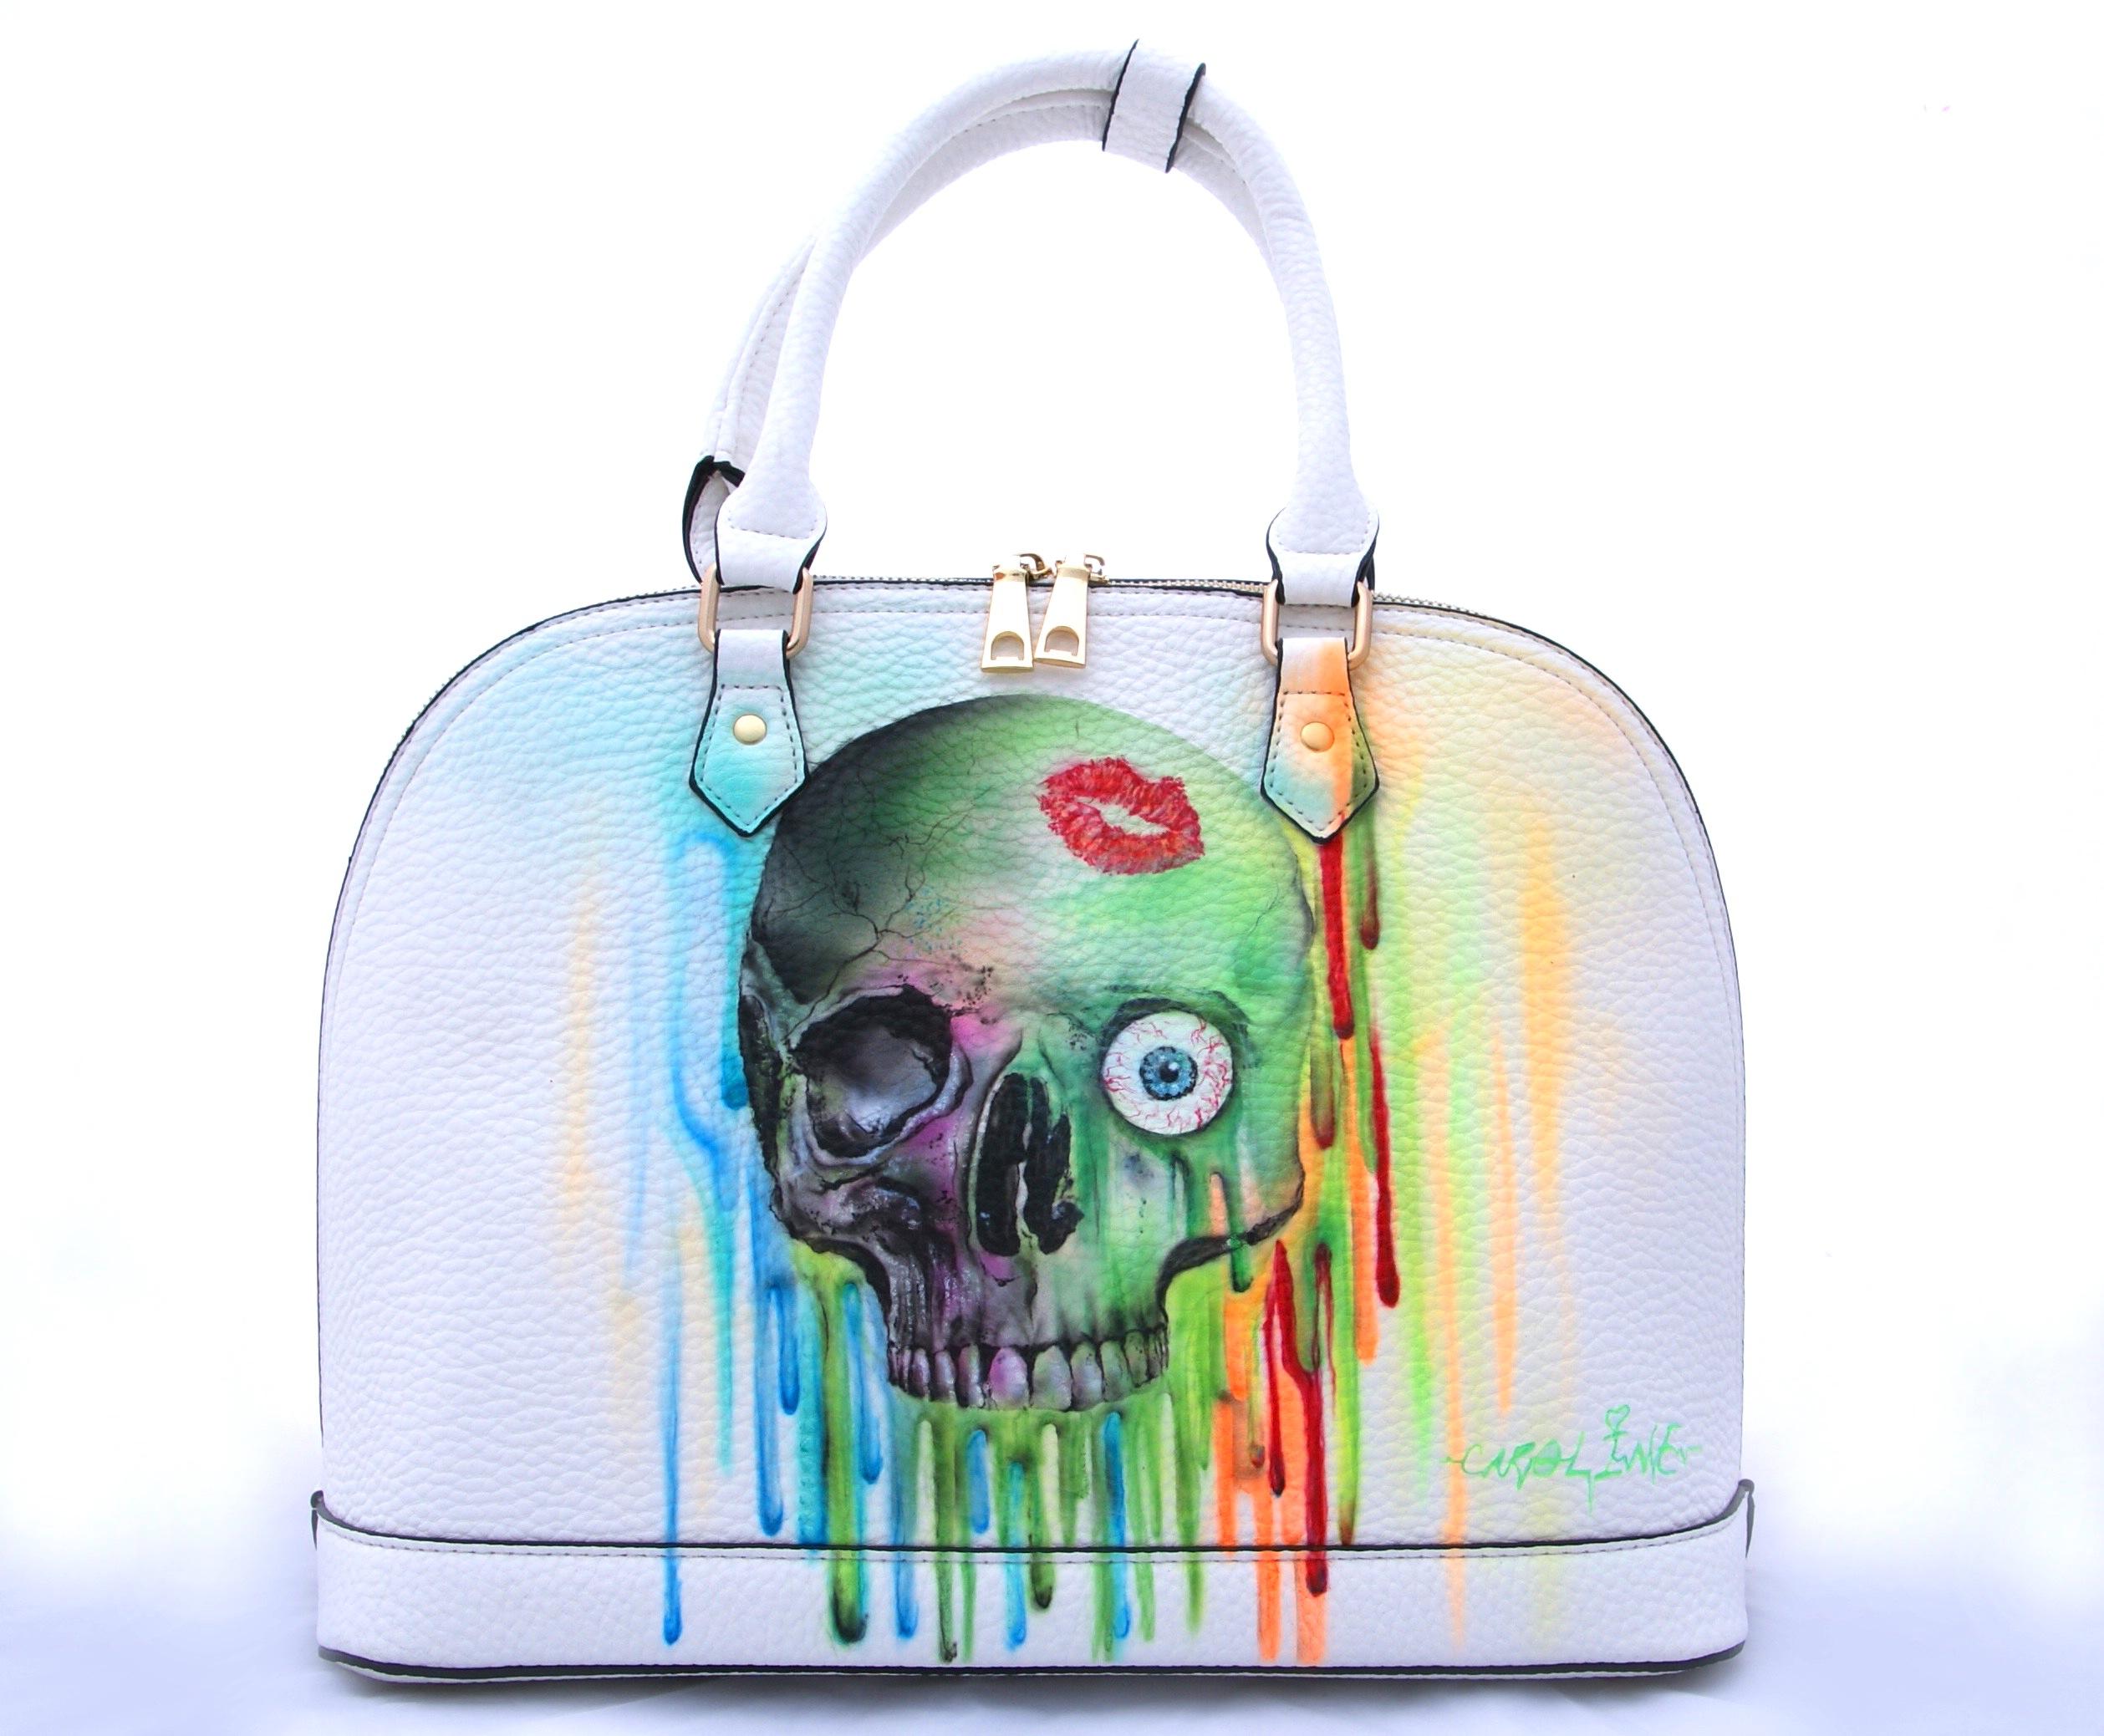 Airbrush Tasche Skull